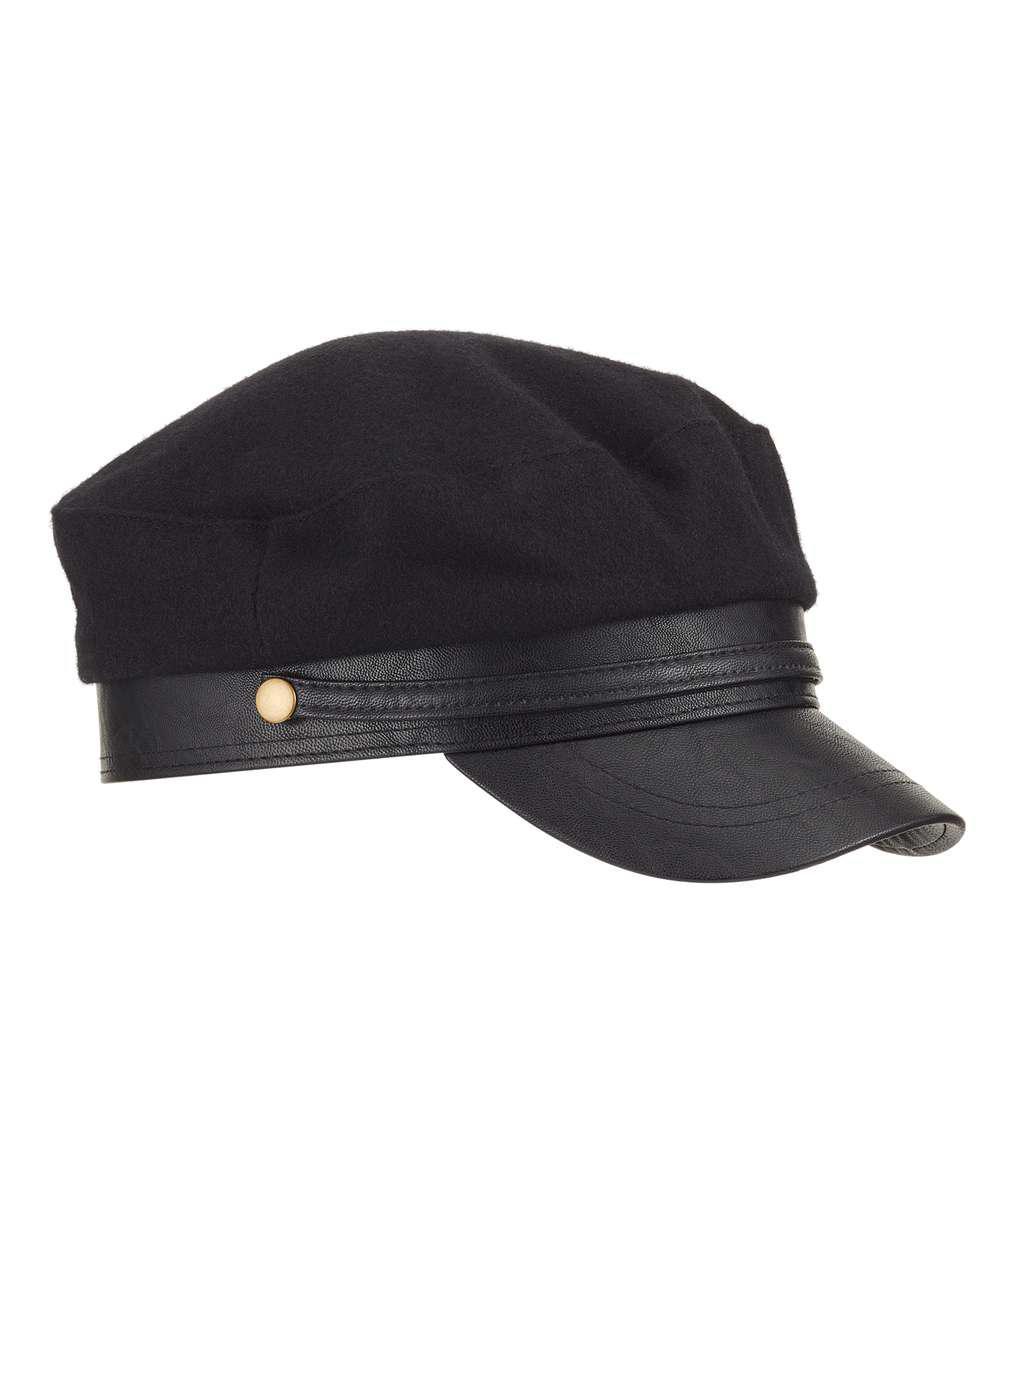 0b57eb21aa6 Miss Selfridge Black Baker Boy Hat in Black - Lyst